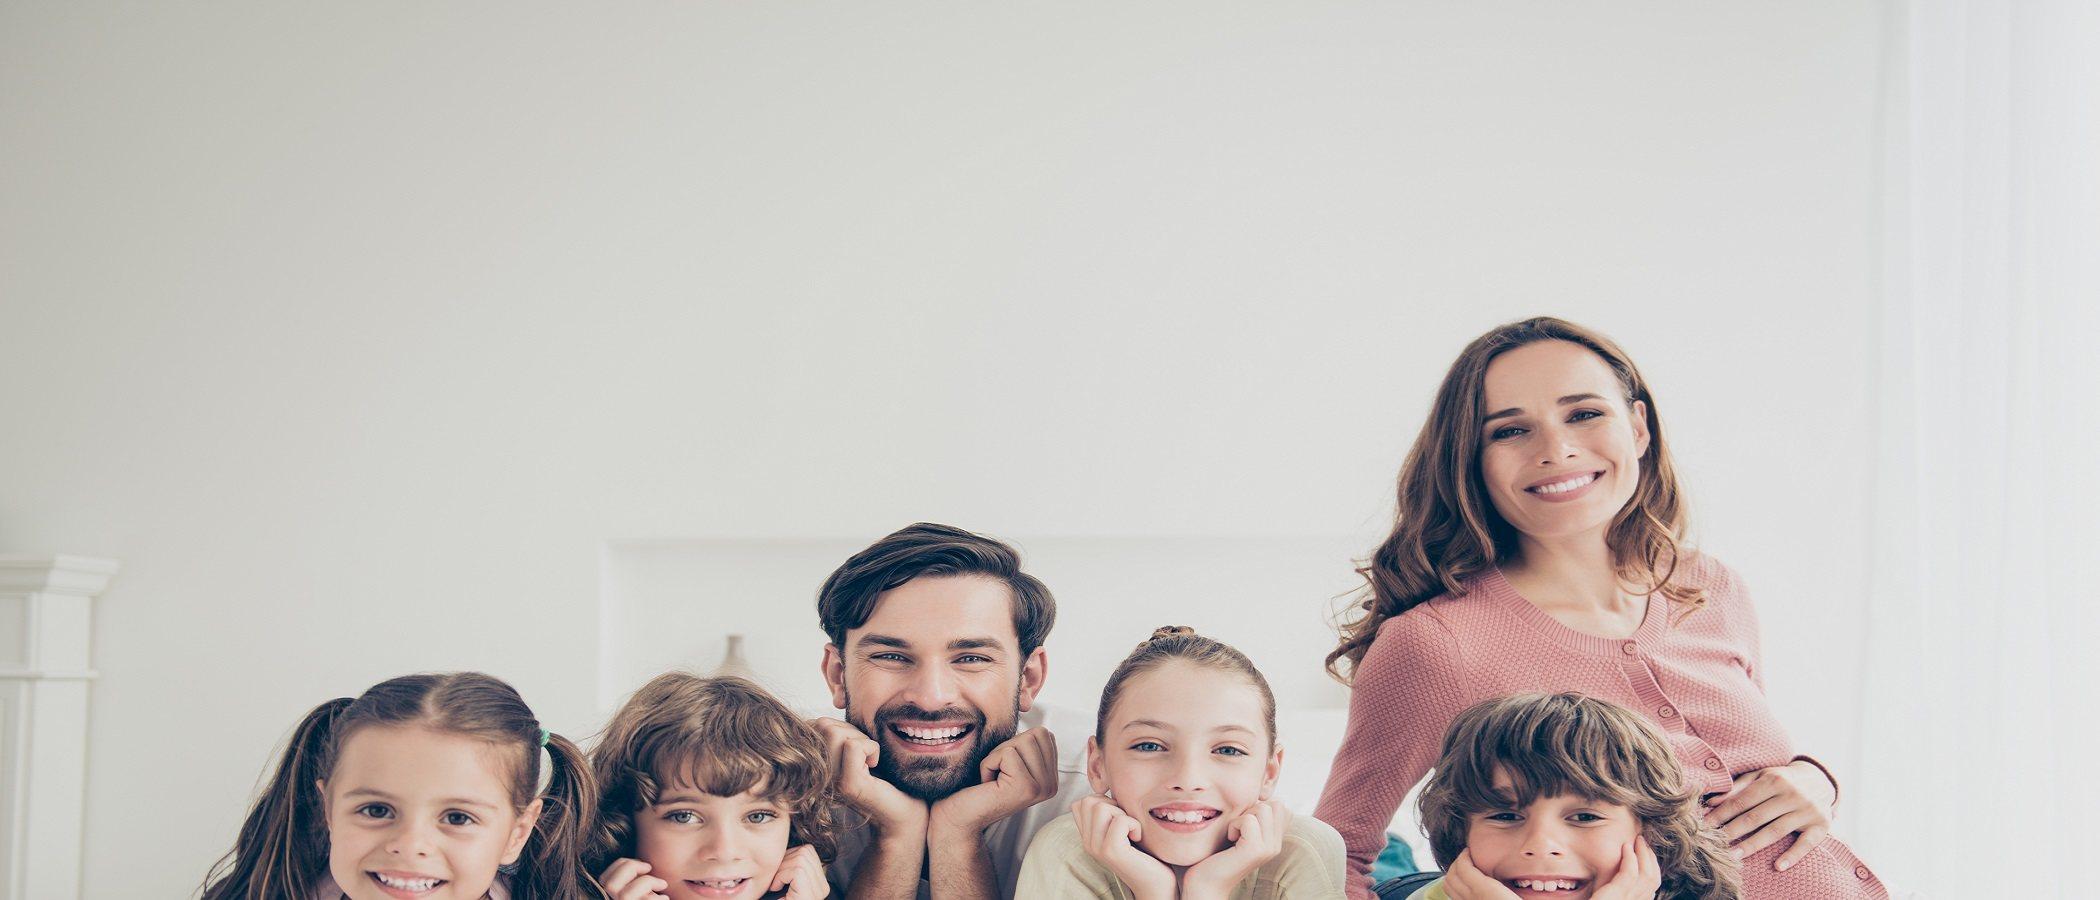 Familia y tribu: similitudes y diferencias